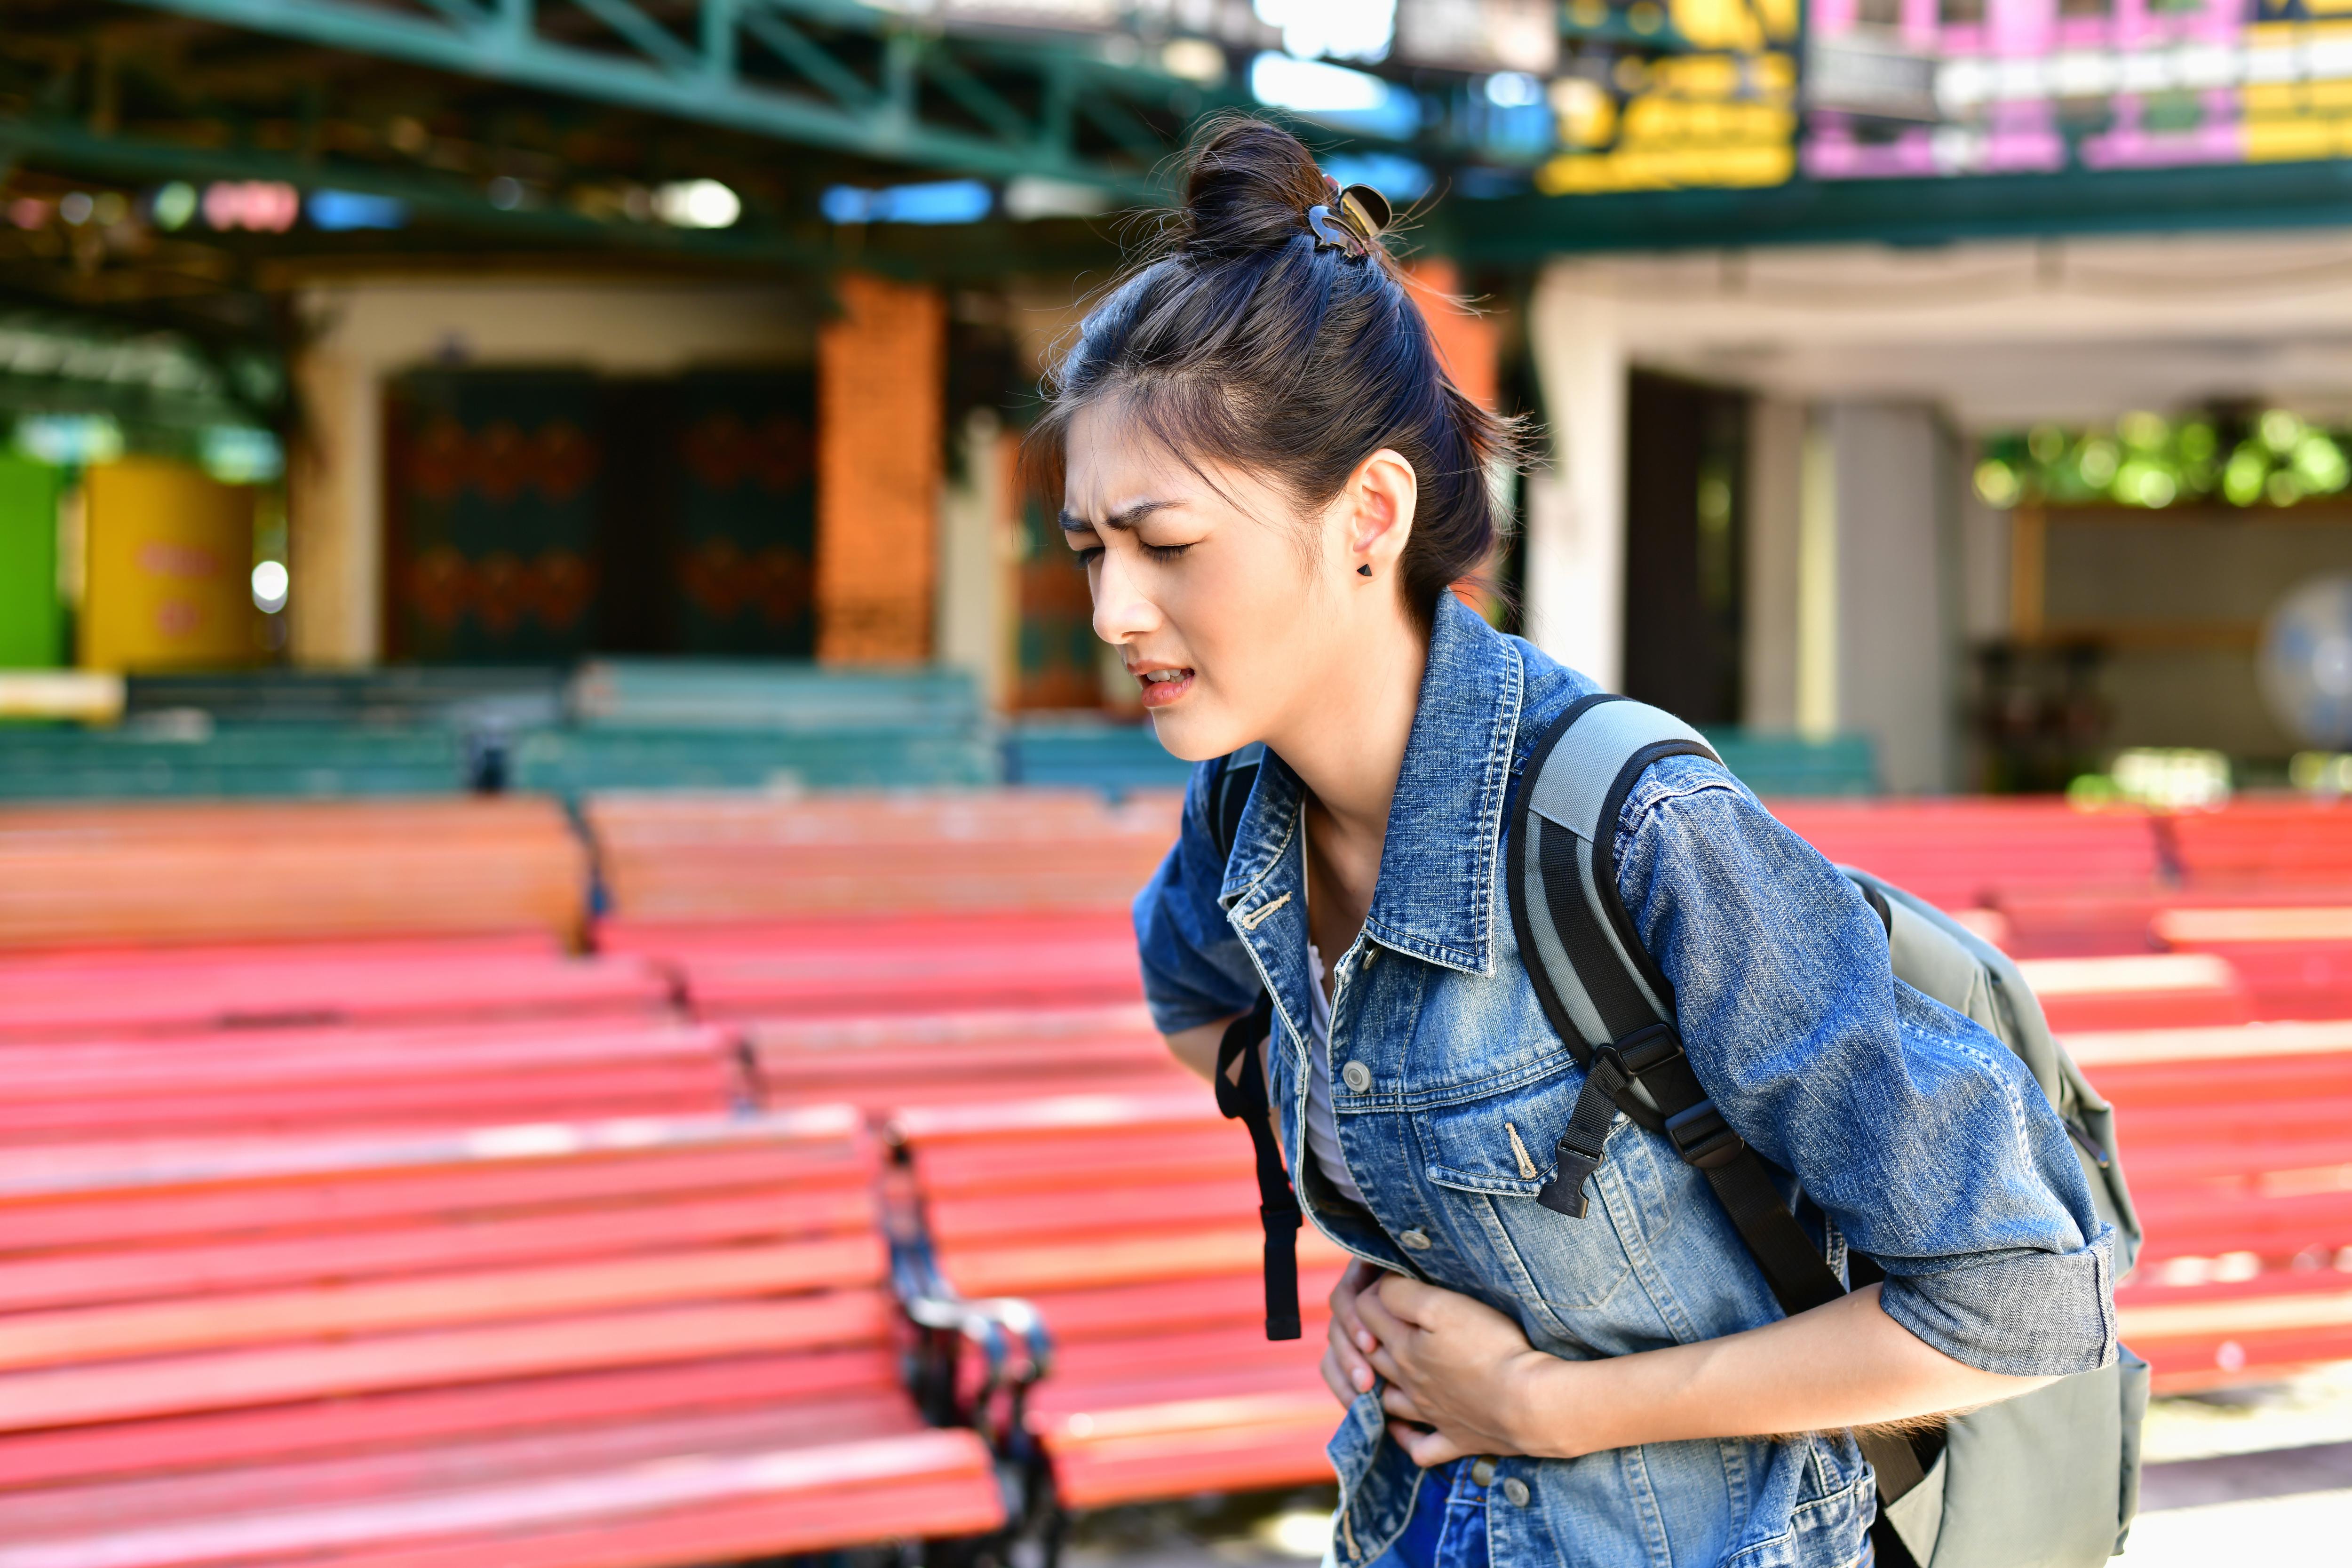 Den vanligaste orsaken till semestermage eller turistdiarré är bakterier av olika slag som sprids mellan människor.